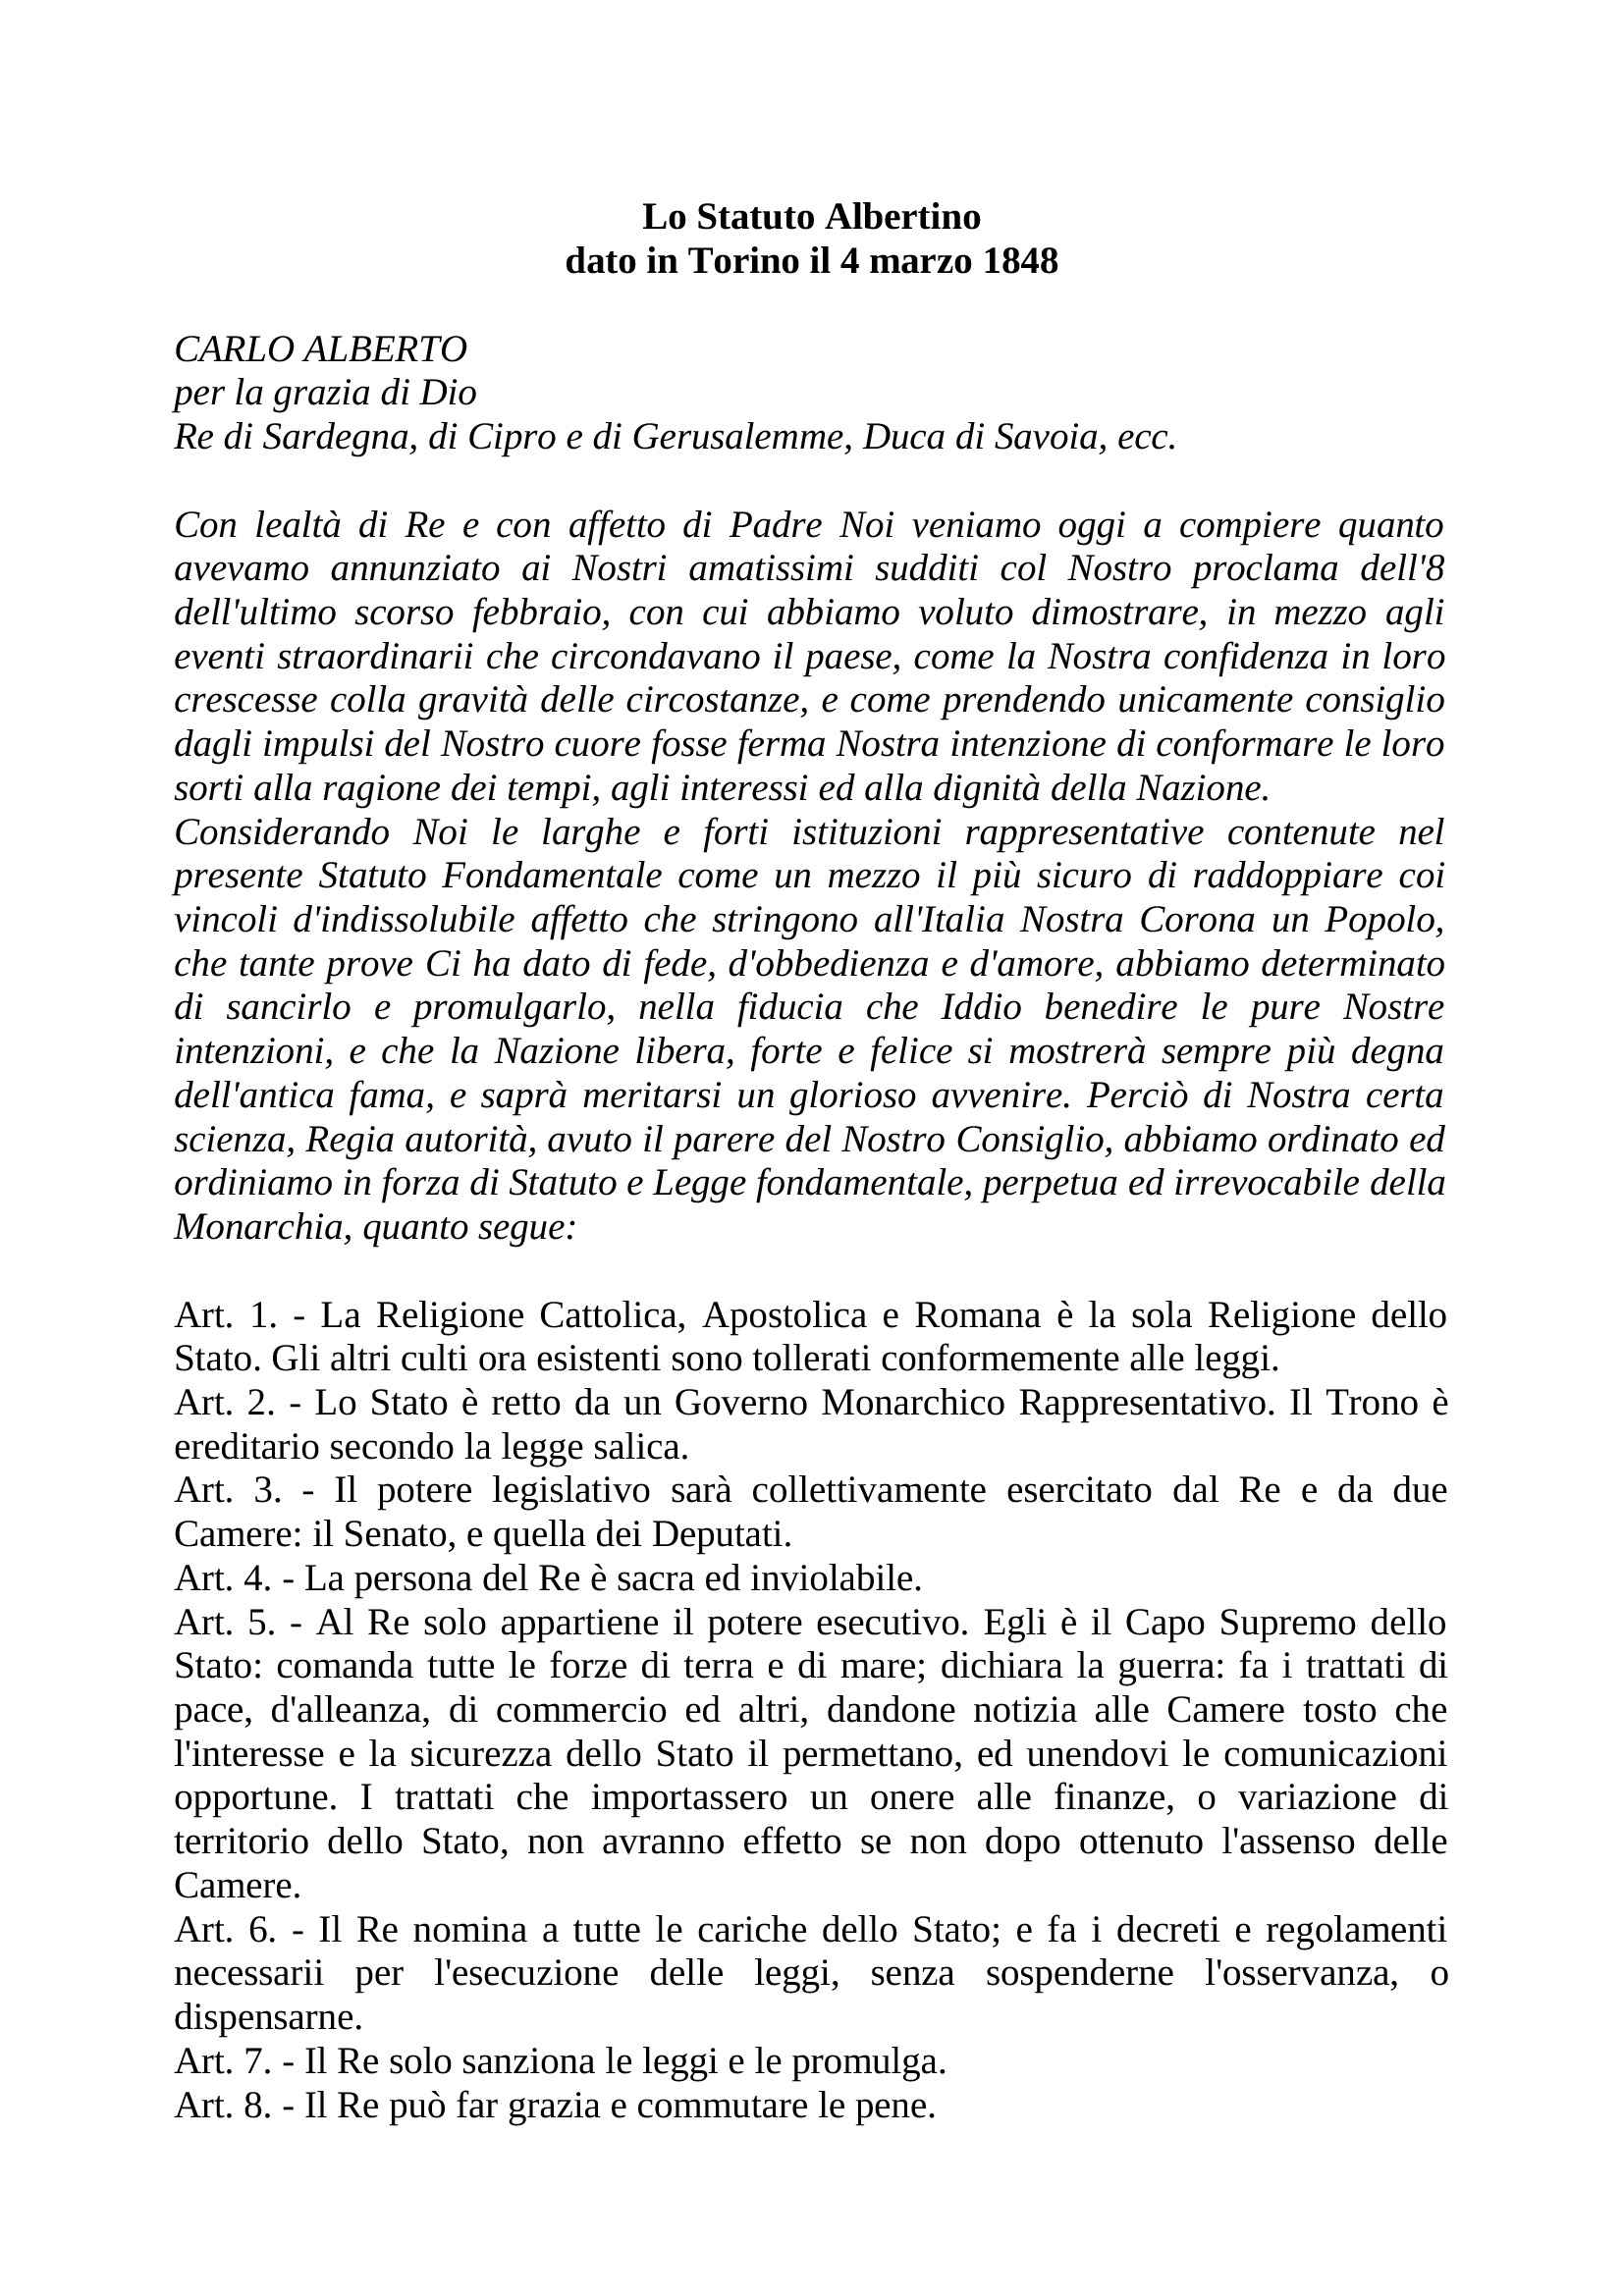 Statuto Albertino 1848